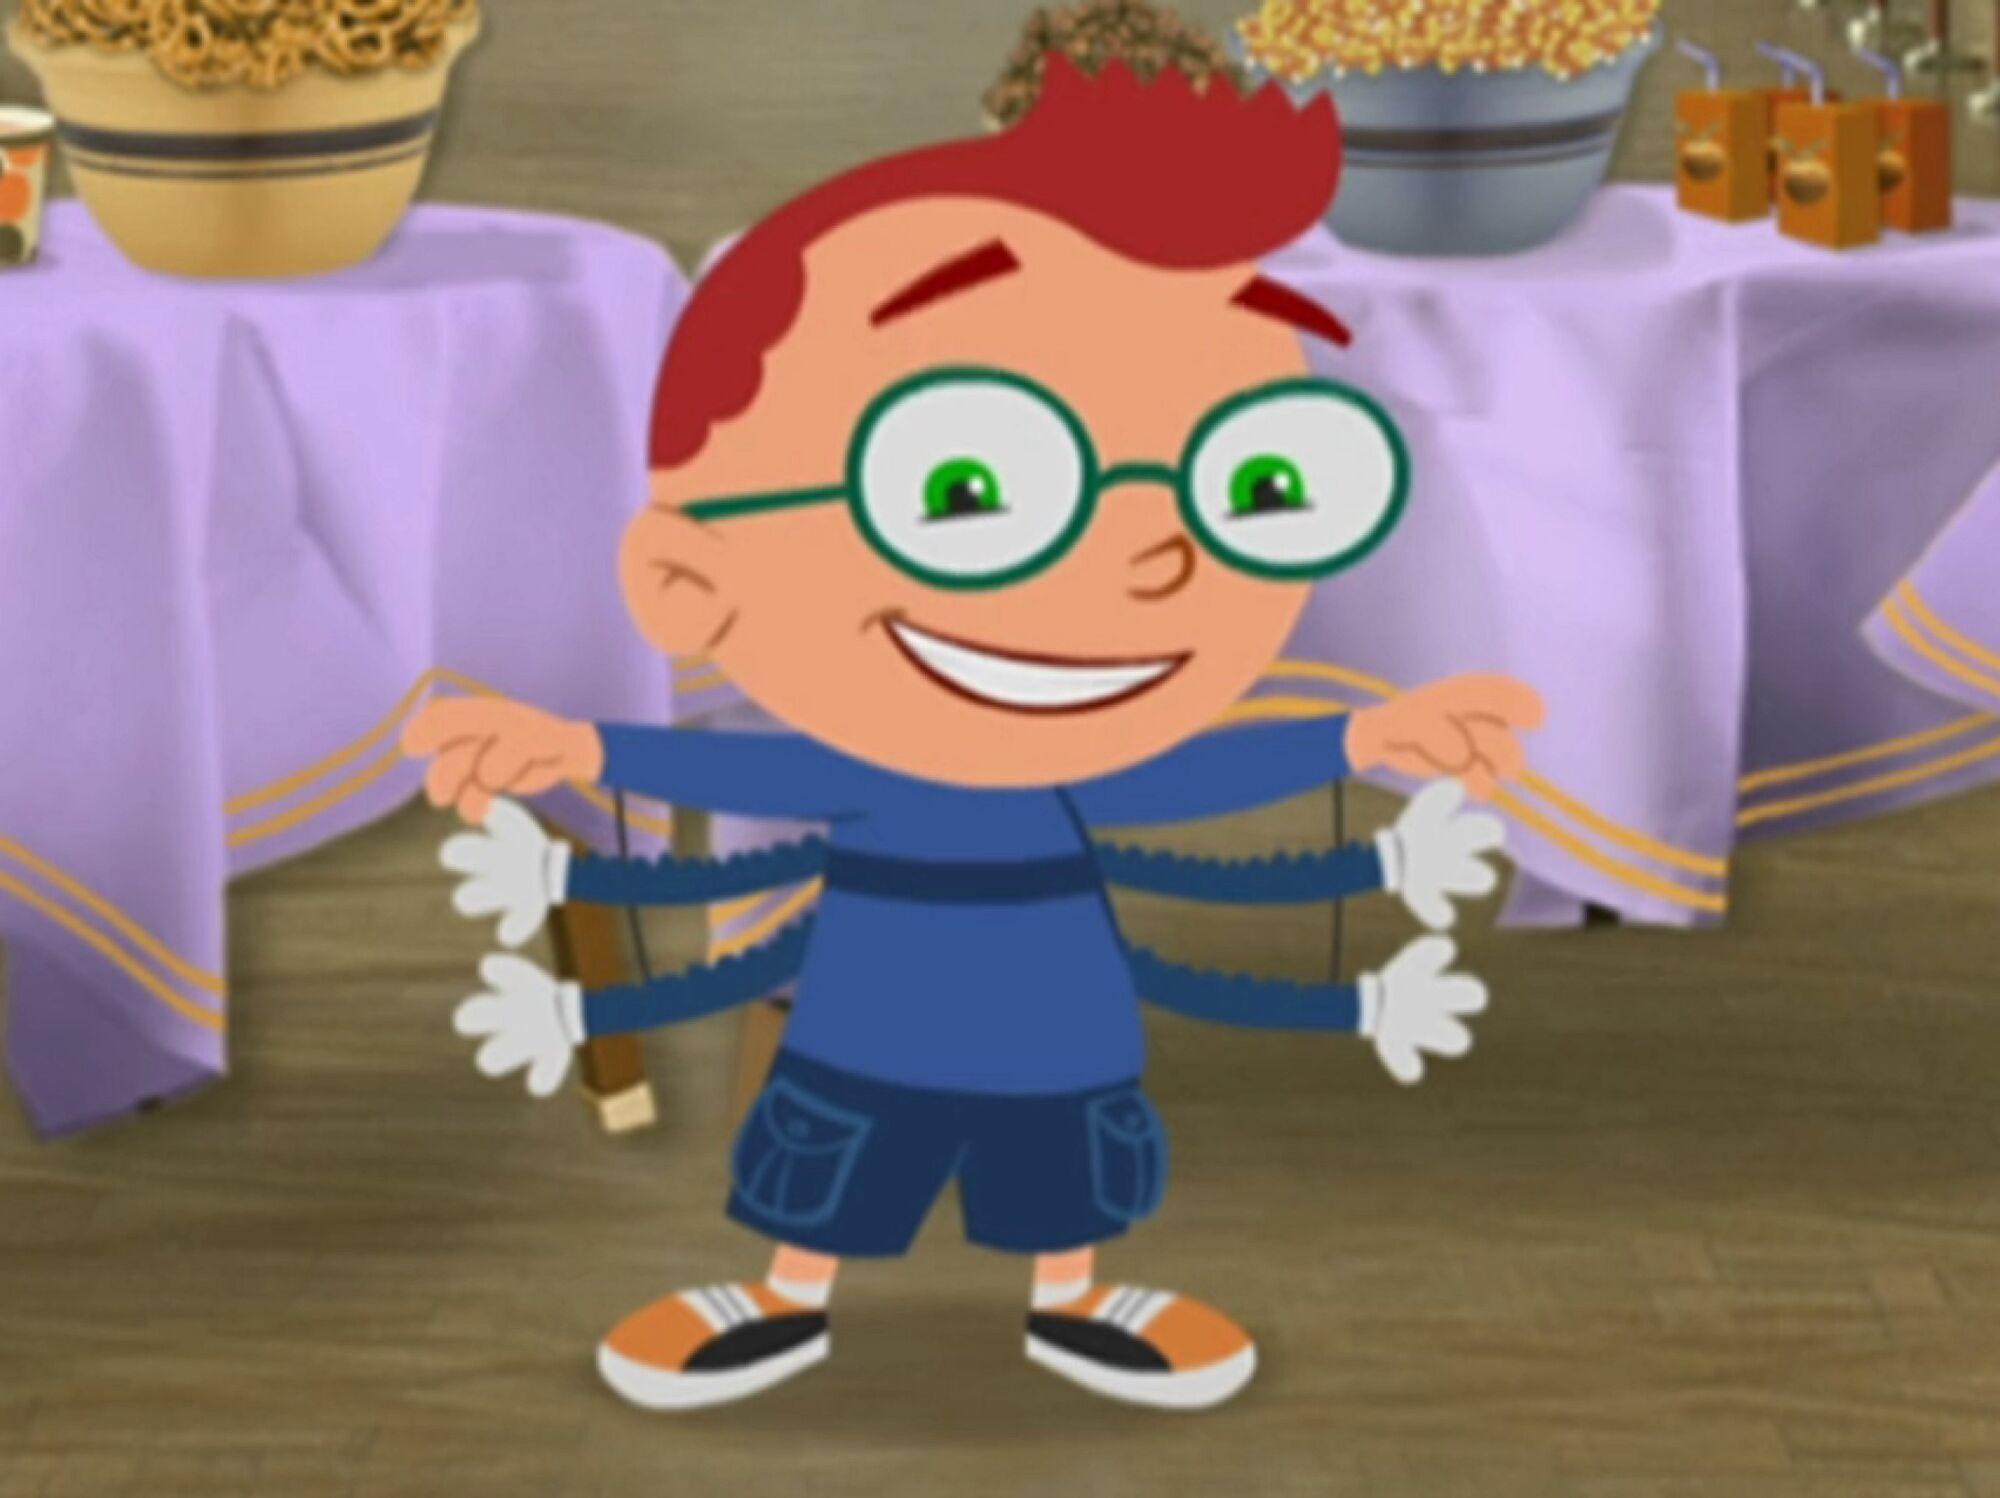 Uncategorized Little Einsteins Playhouse Disney leo little einsteins disney wiki fandom powered by wikia spider halloween